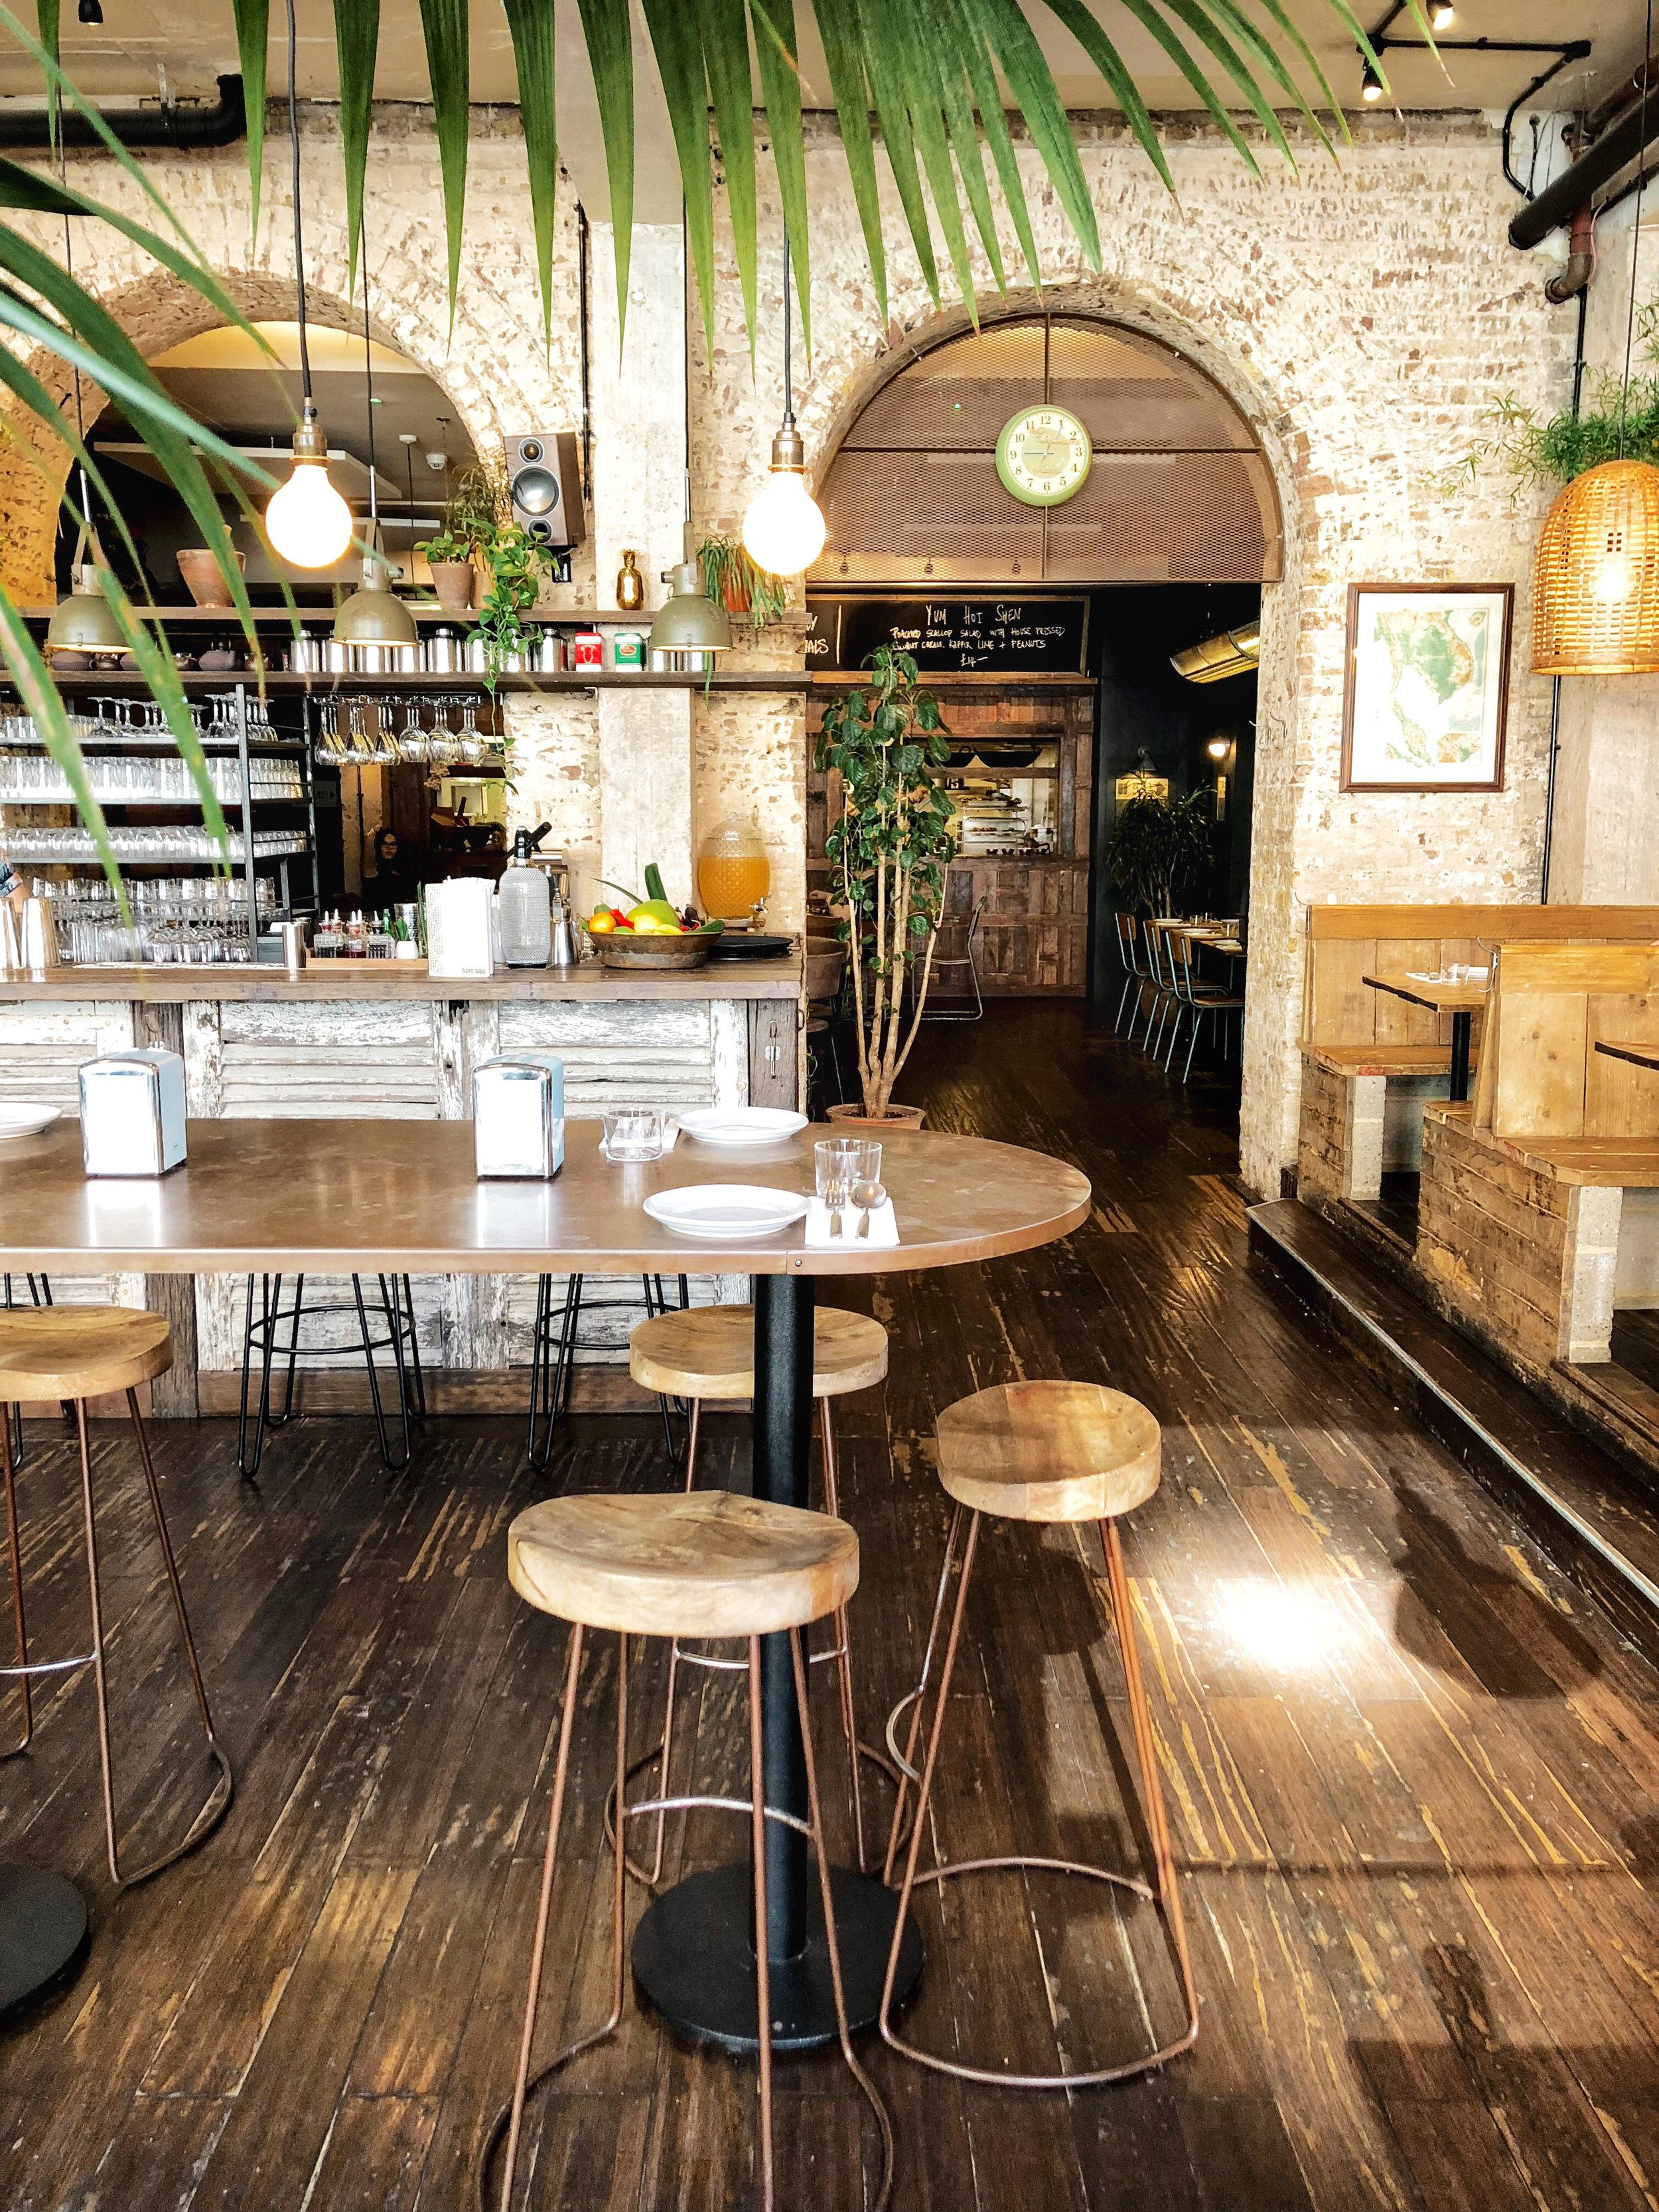 interiors of som saa east london